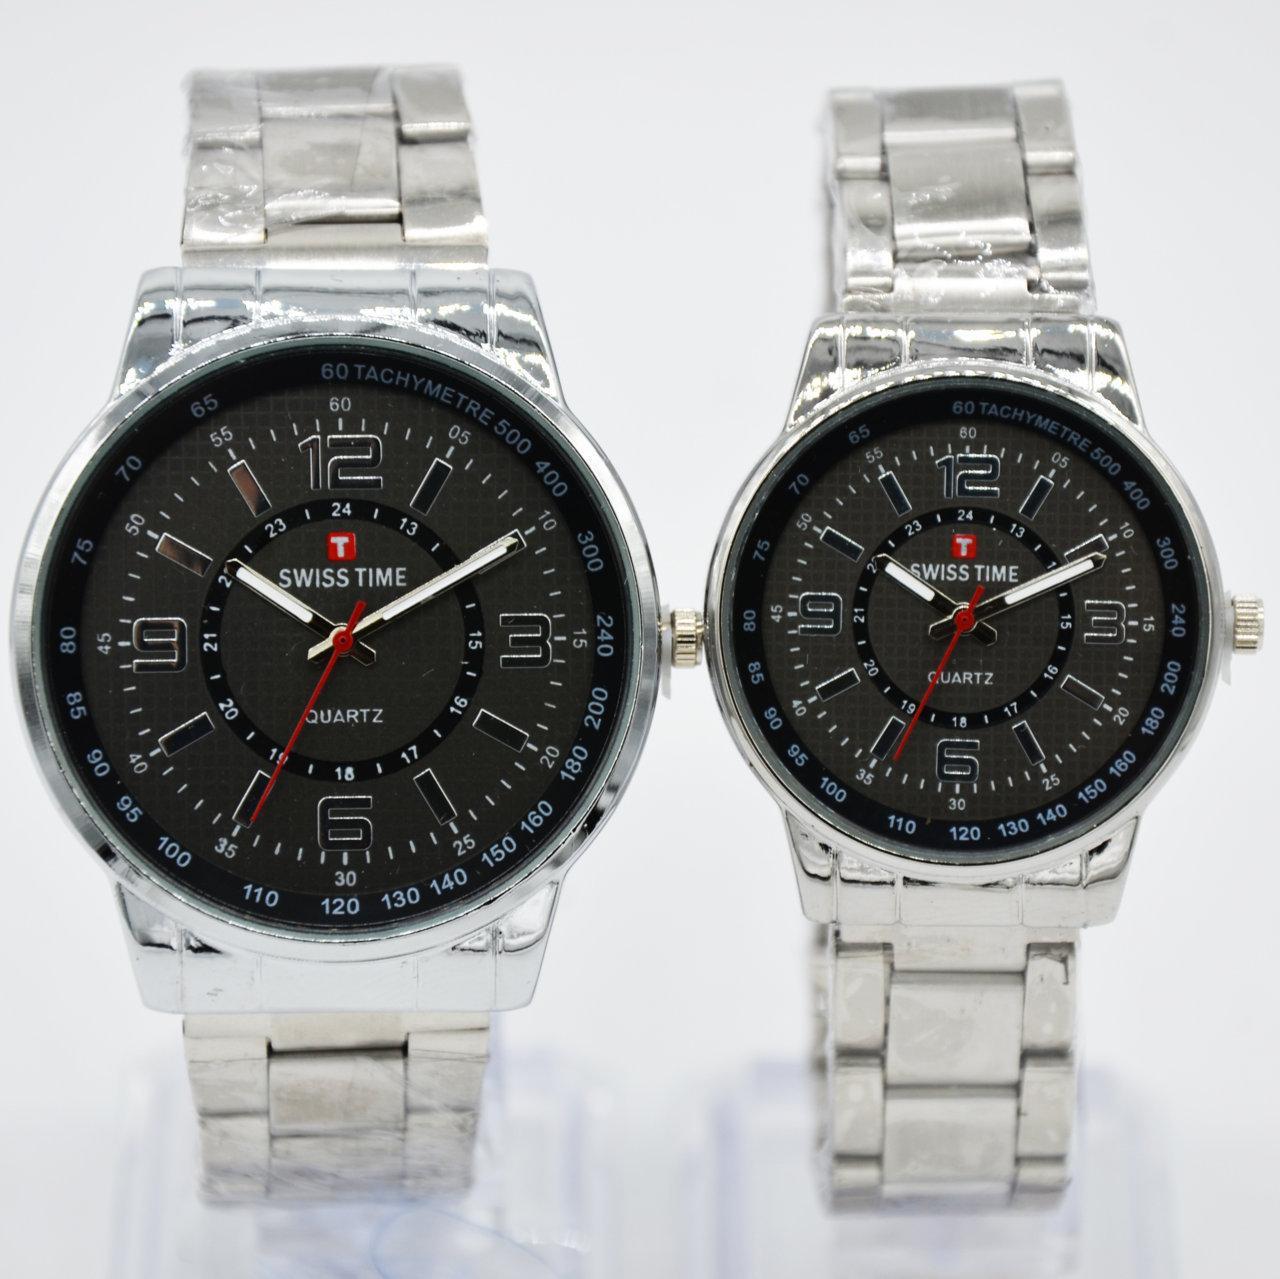 Swiss Army/Time Jam tangan Pria&Wanita (Couple) - rantai stainless S2217